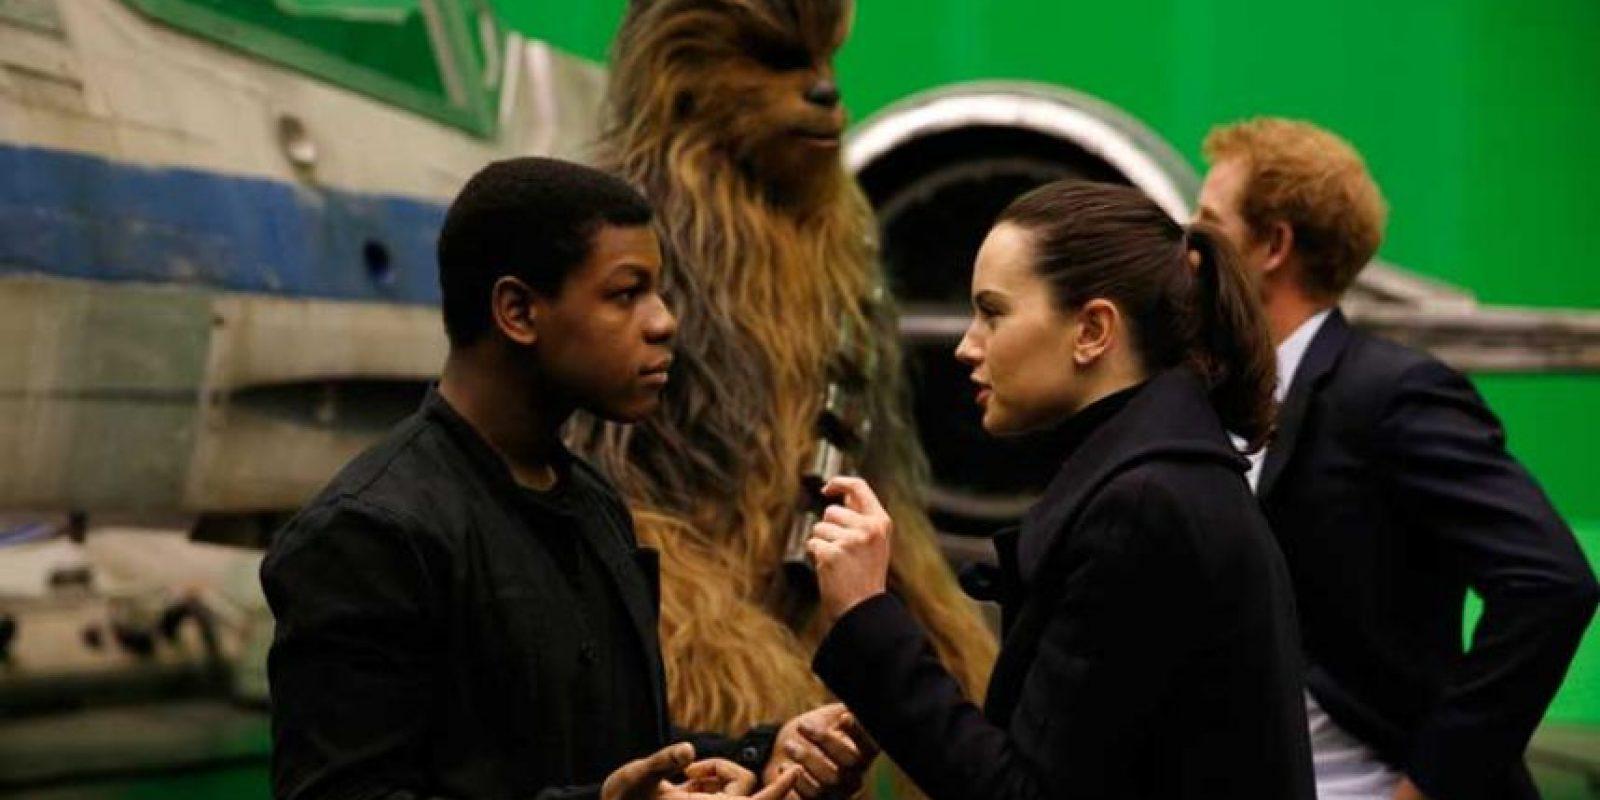 Los cuatro protagonistas de Episodio VII, Daisy Ridley, John Boyega, Oscar Isaac y Adam Driver, repetirán en Episodio VIII. Foto:Getty Images